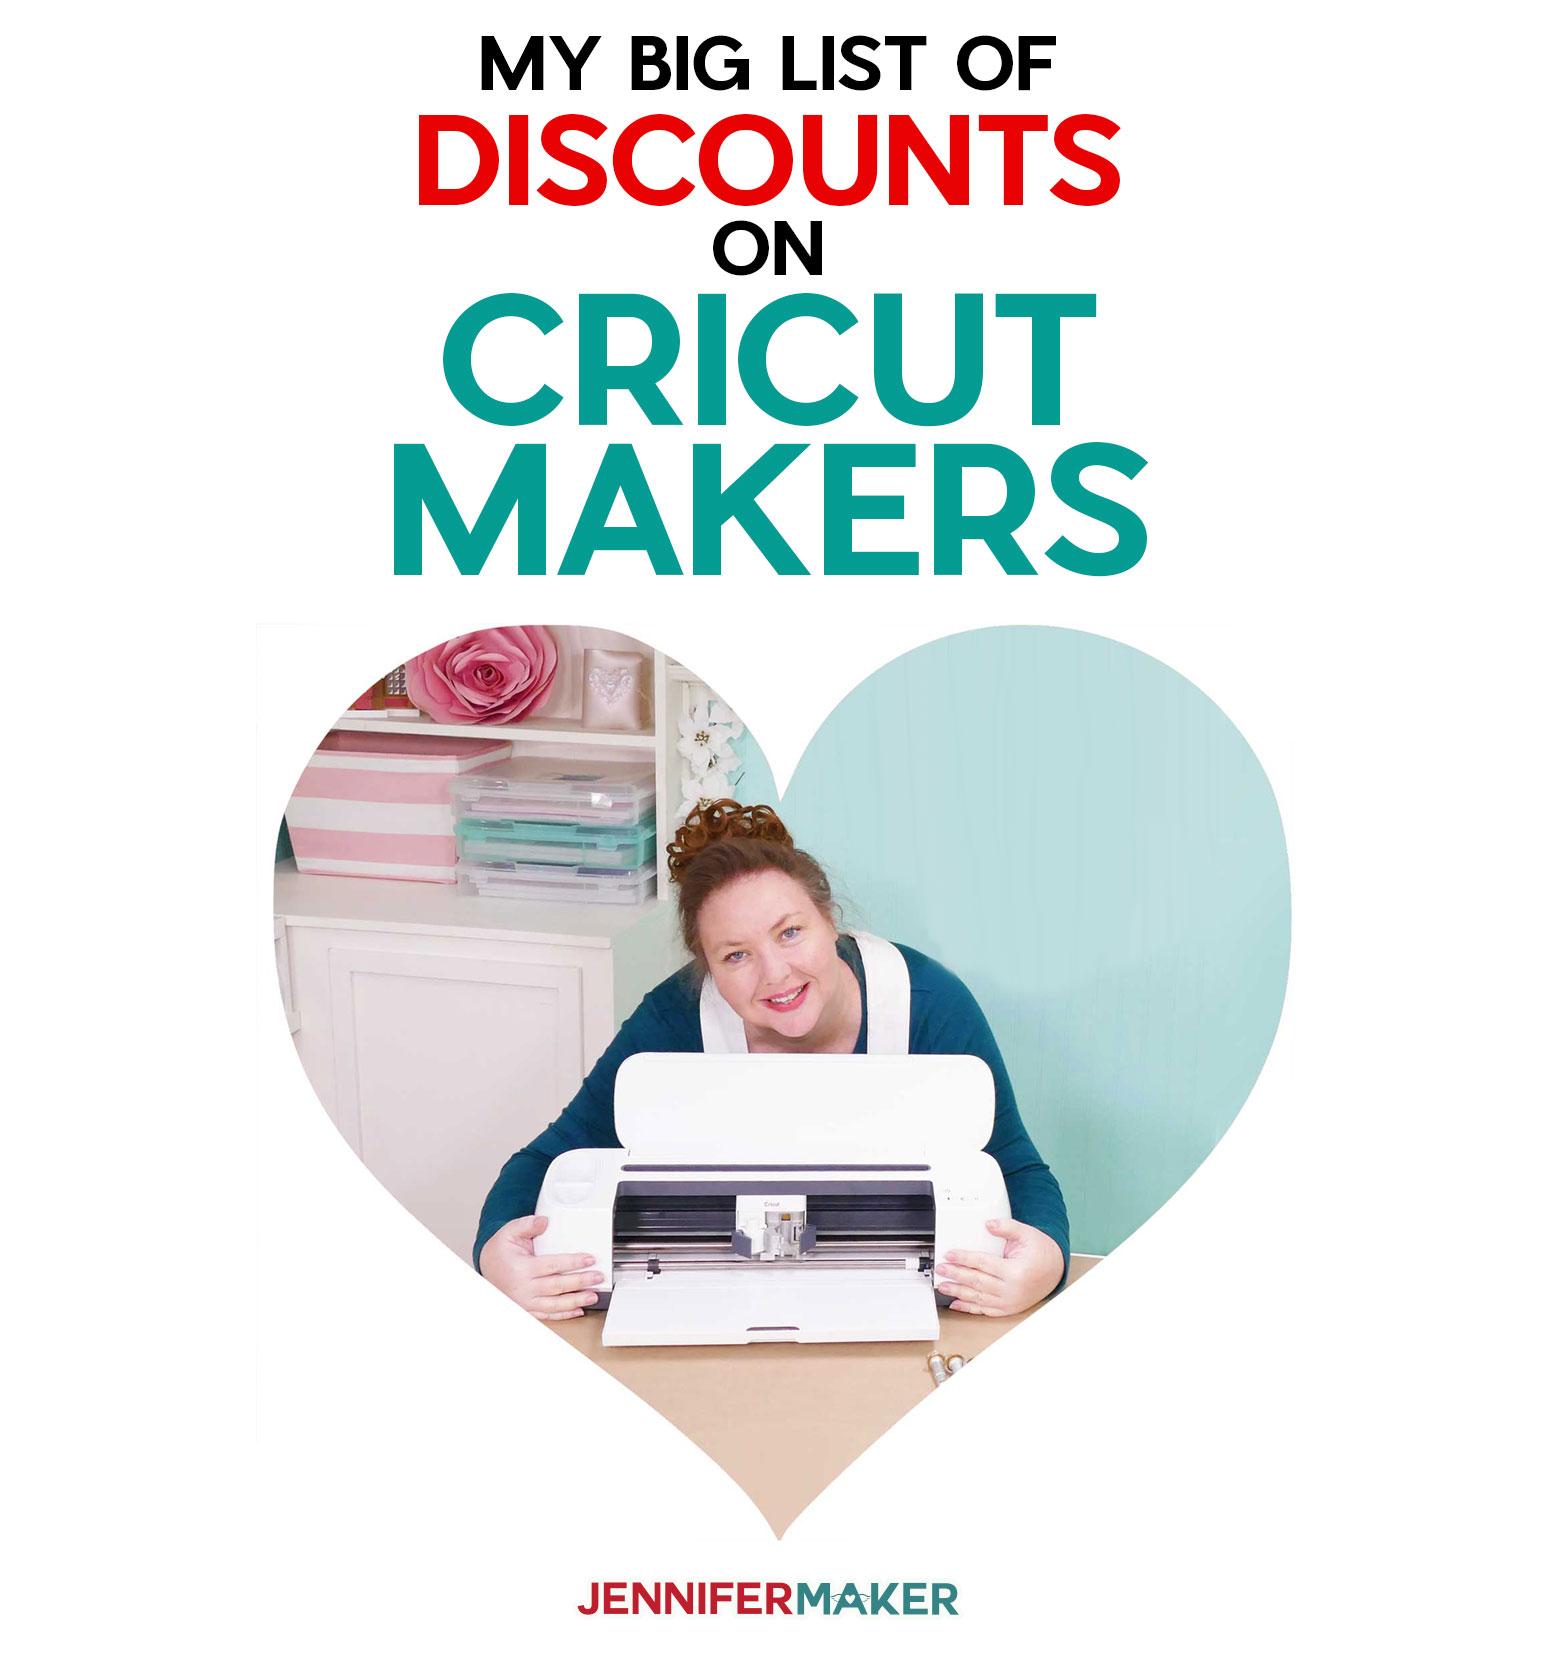 Discounts on Cricut Maker deals -- the big list!